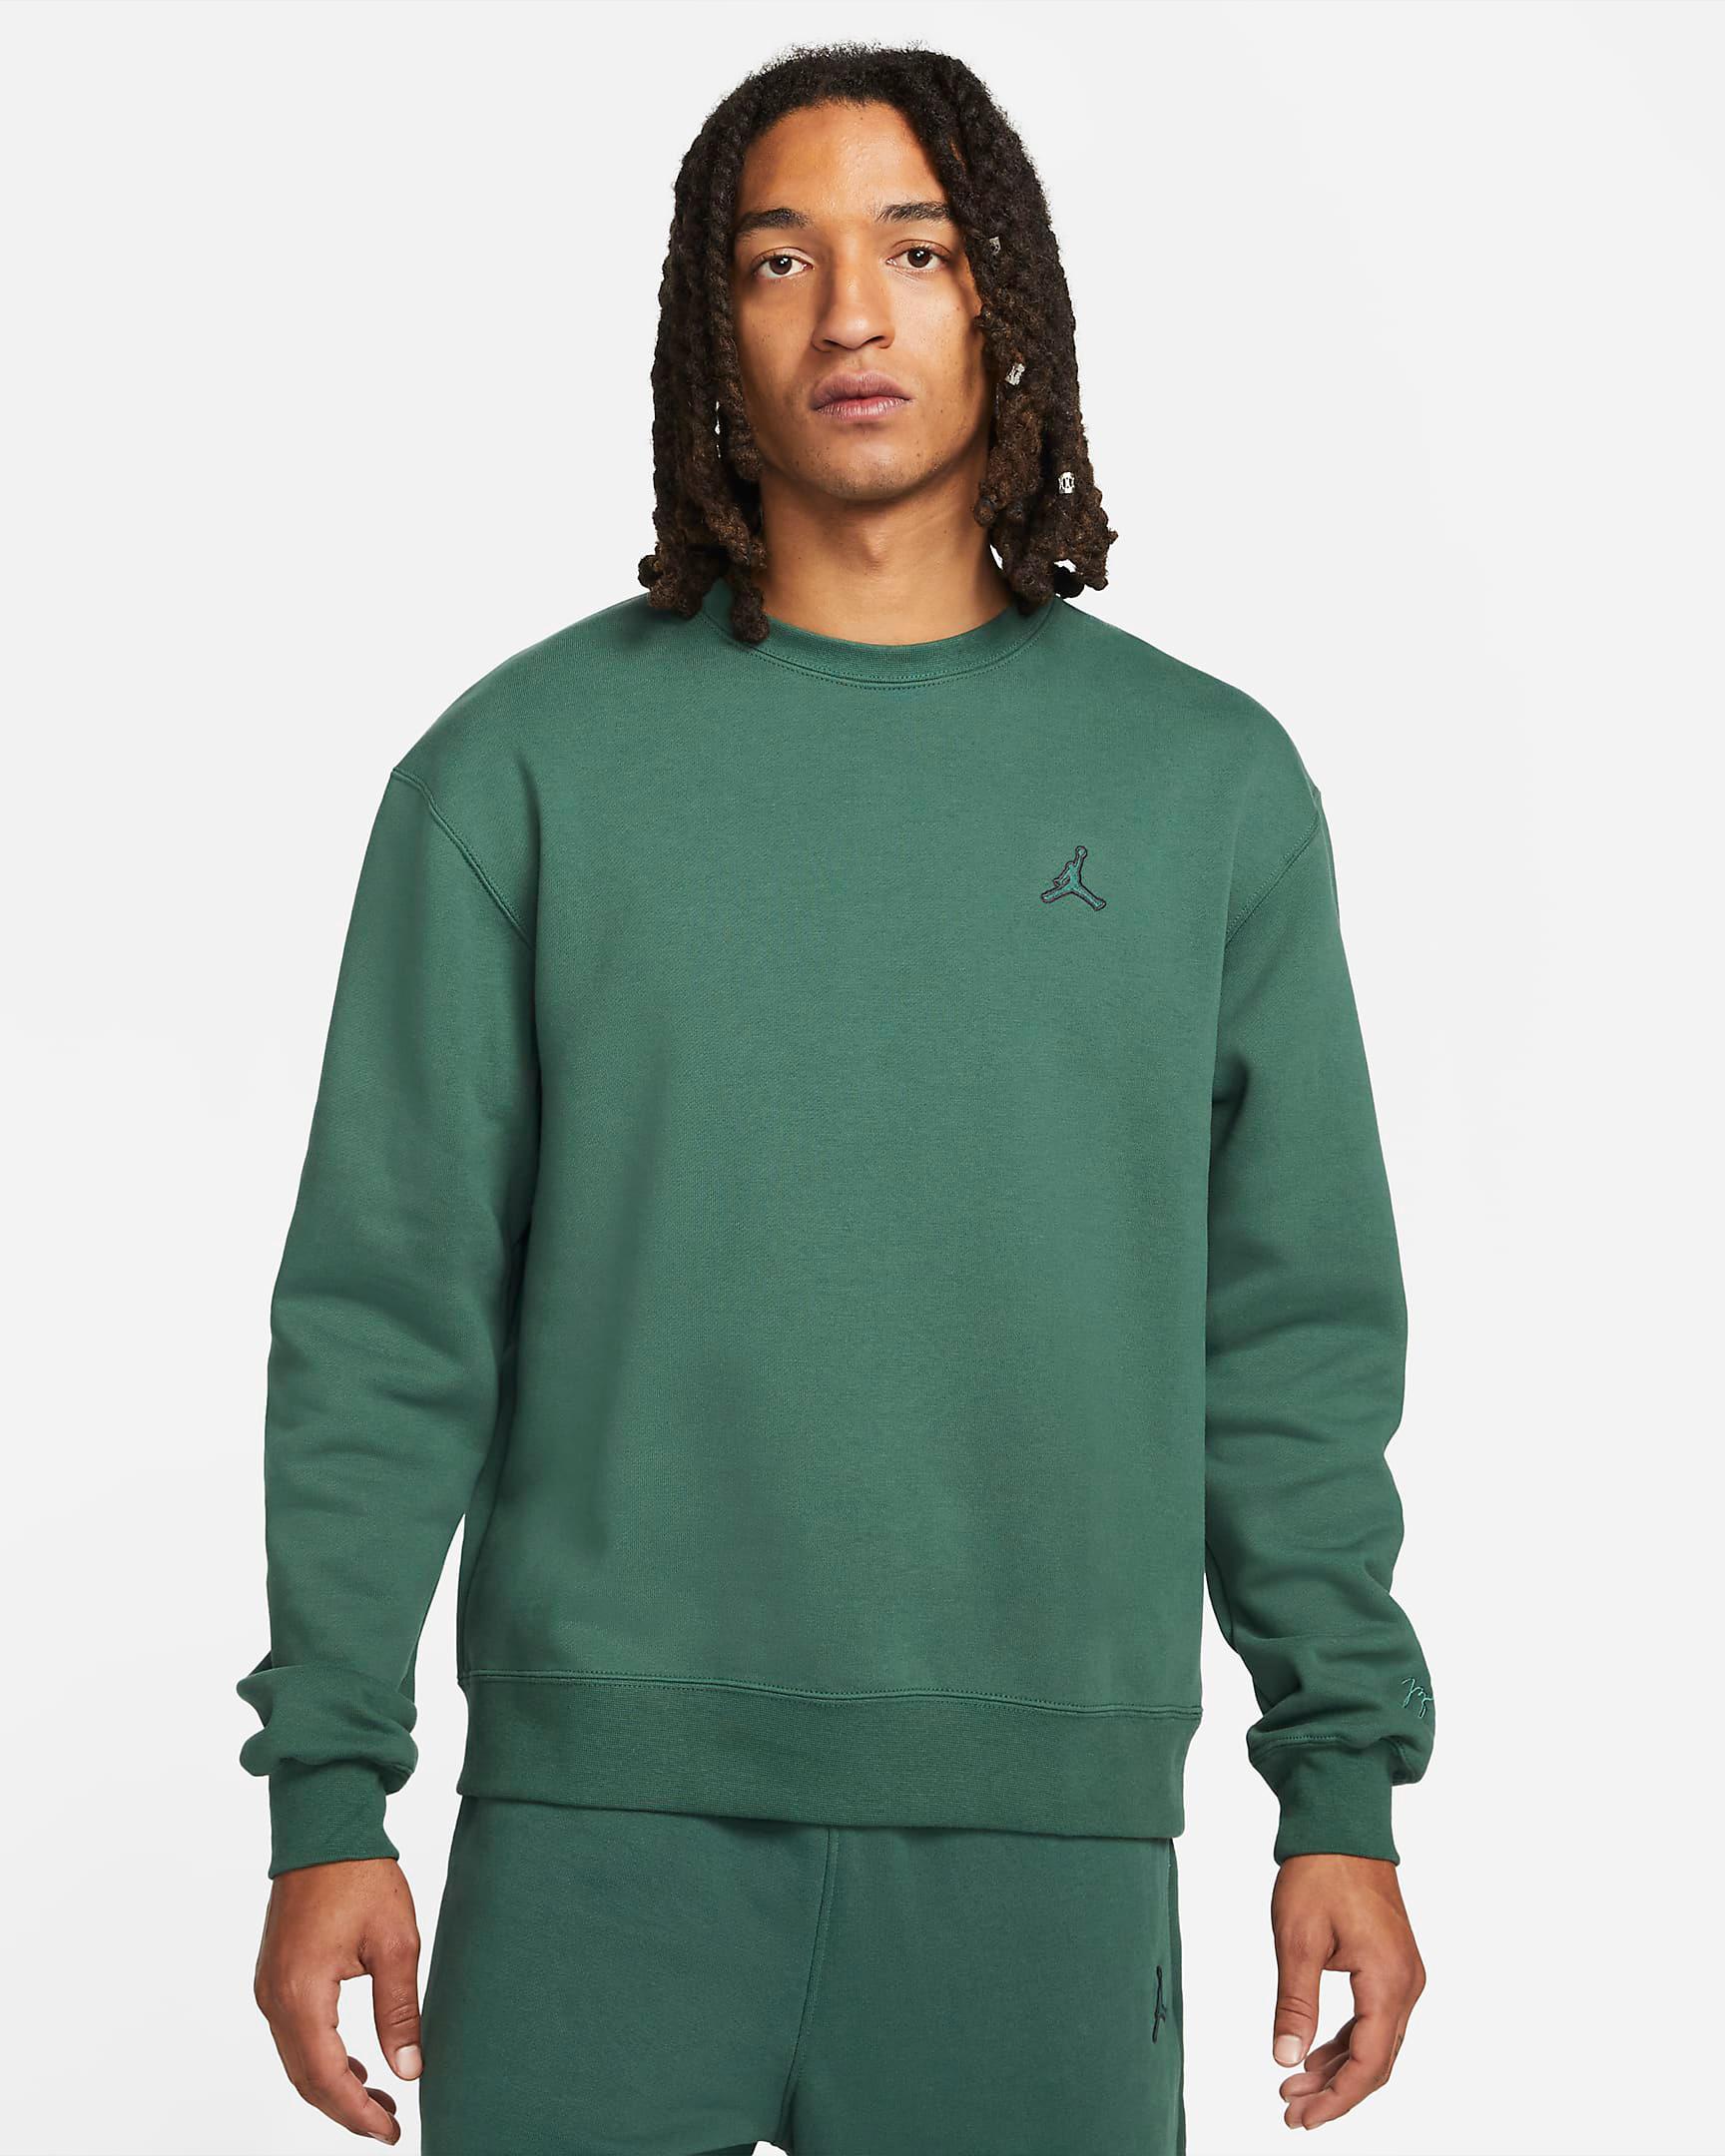 jordan-noble-green-statement-crew-sweatshirt-1